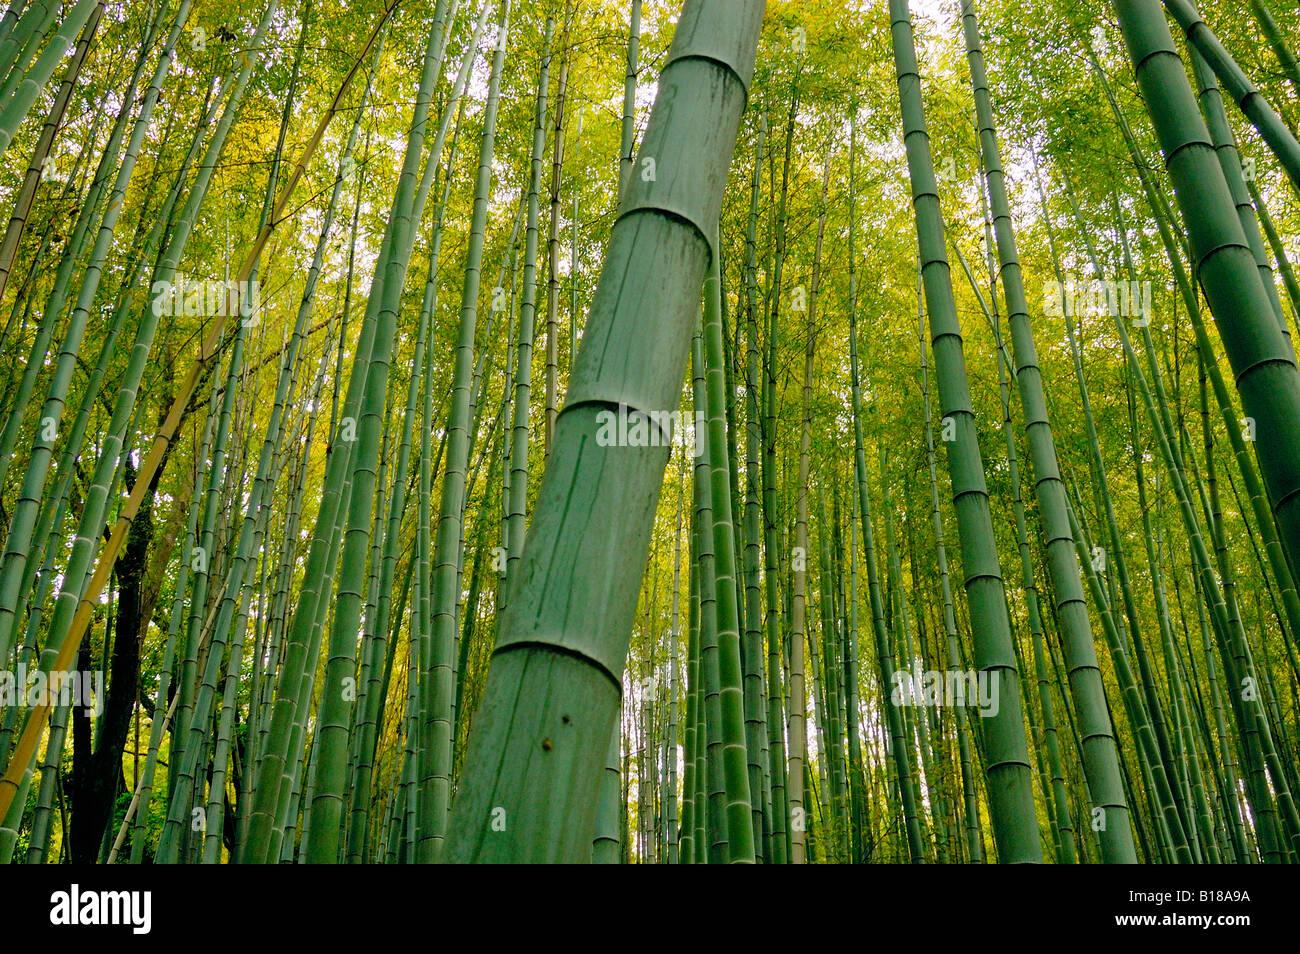 Foresta di bamboo Kyoto in Giappone Immagini Stock